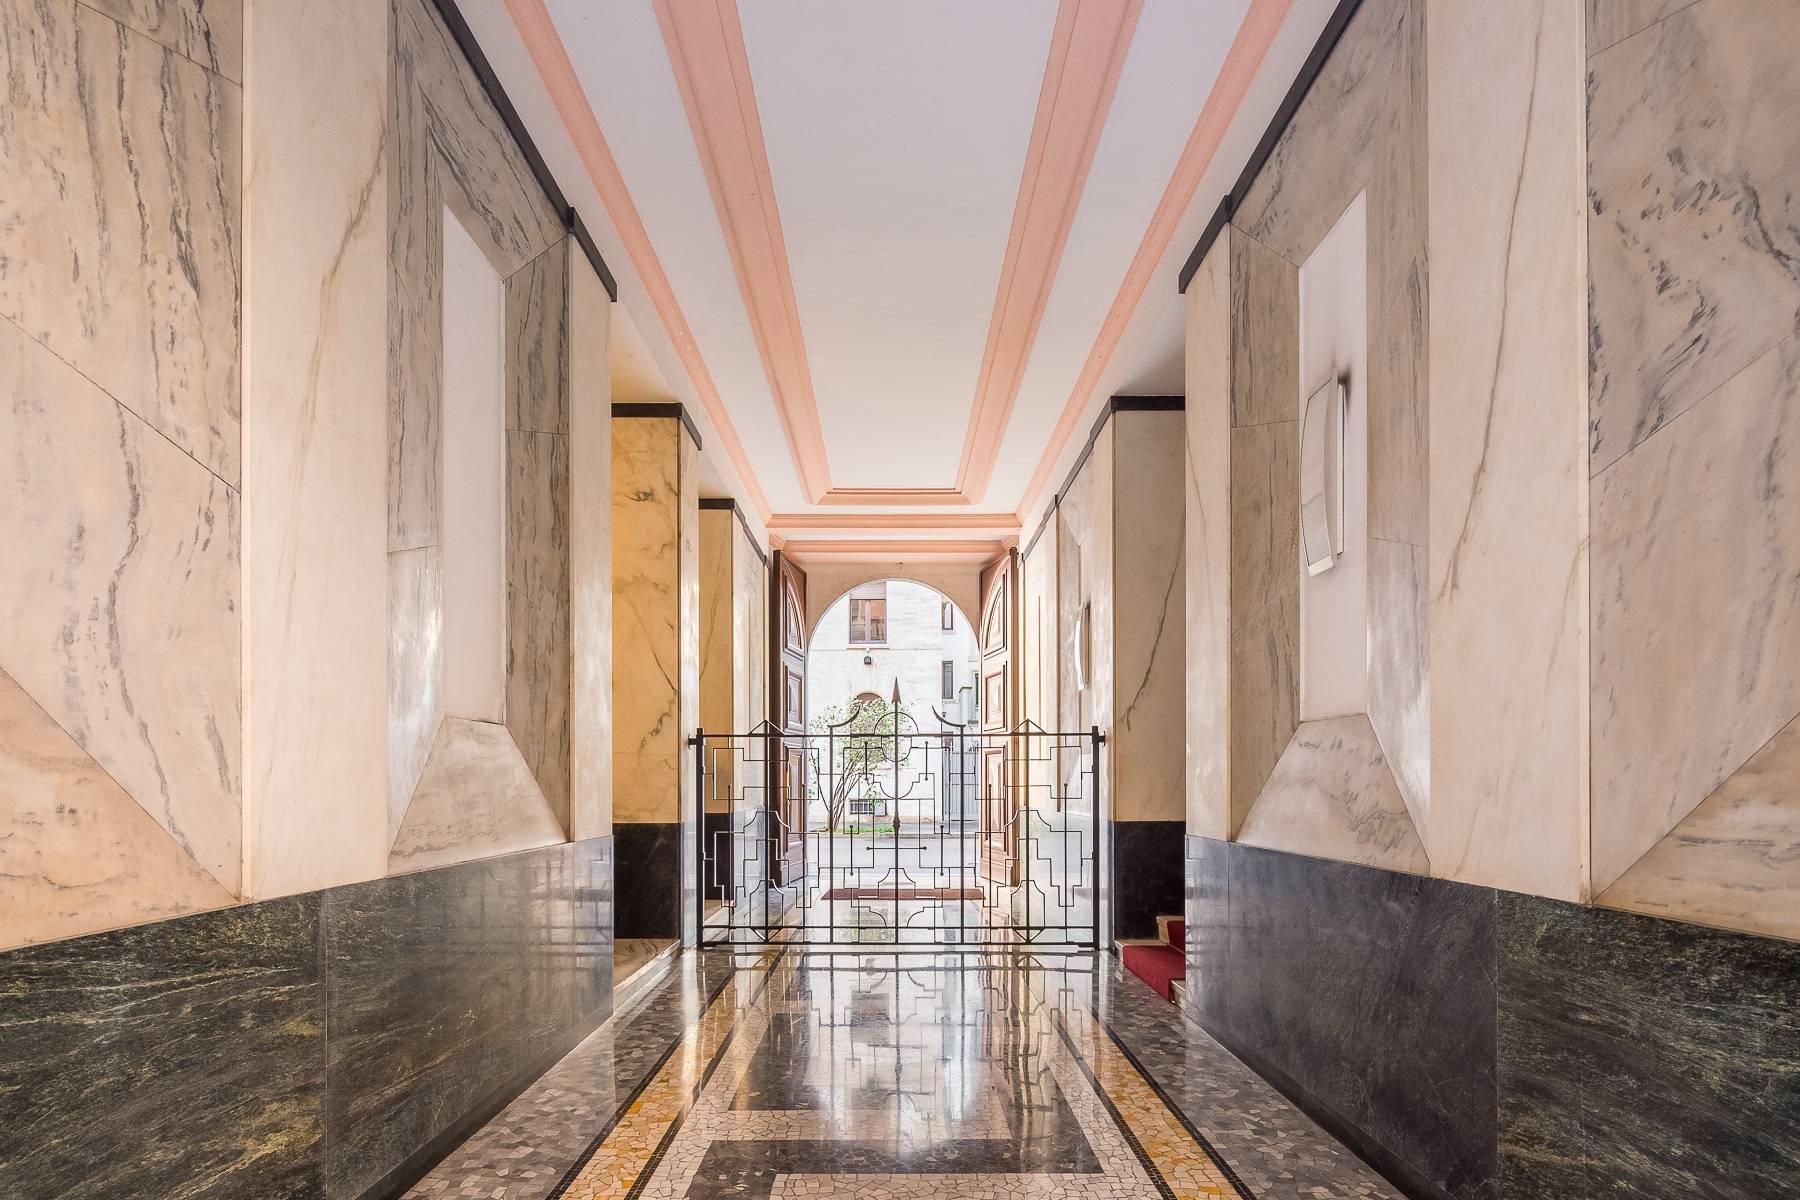 Appartamento esclusivo di 200 mq in nuda proprietà in un palazzo d'epoca - 17